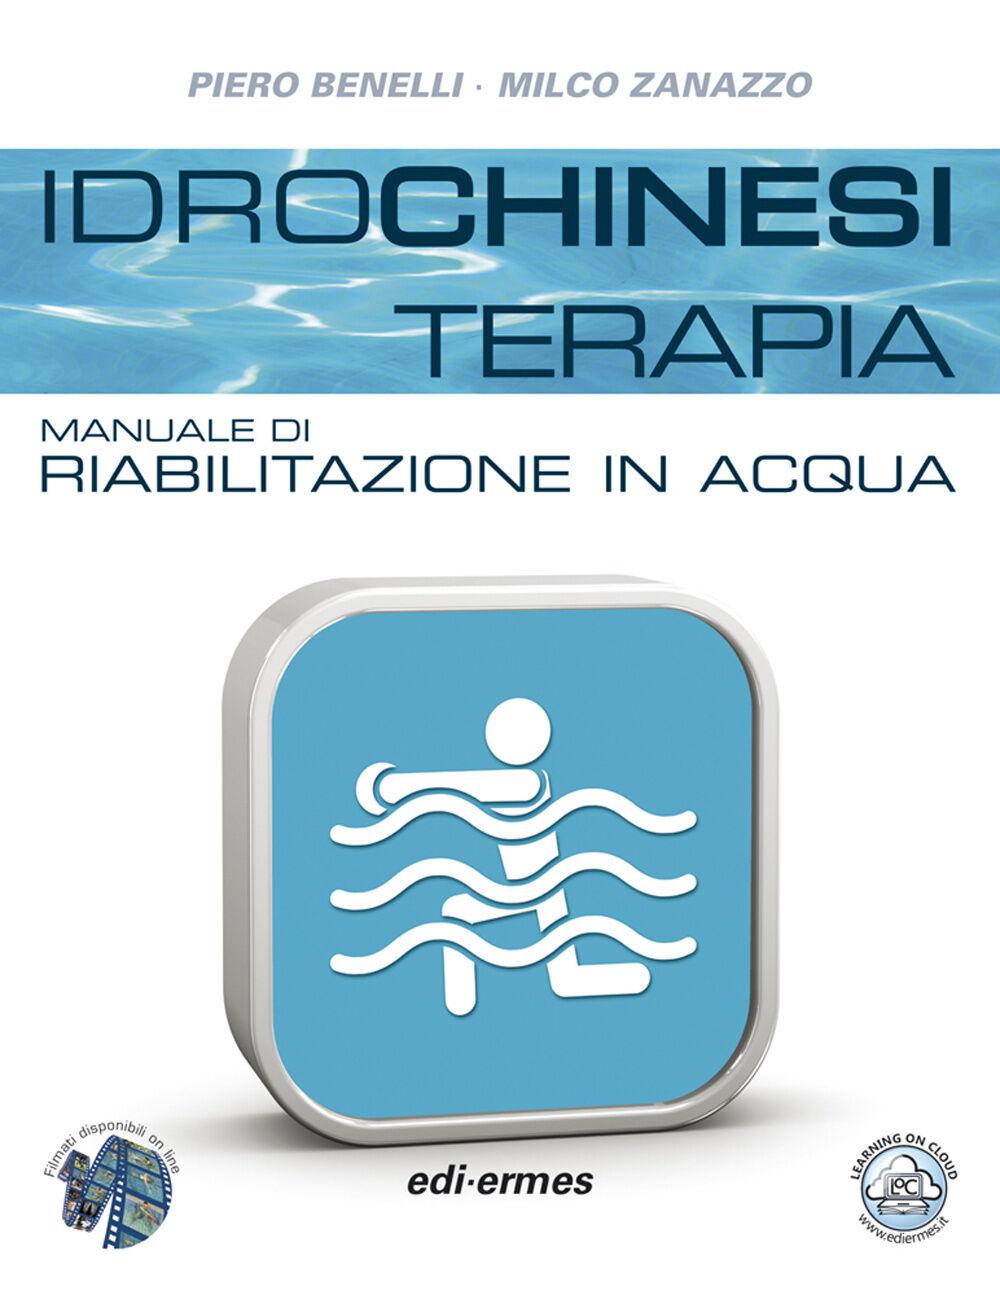 Idrochinesiterapia. Manuale di riabilitazione in acqua